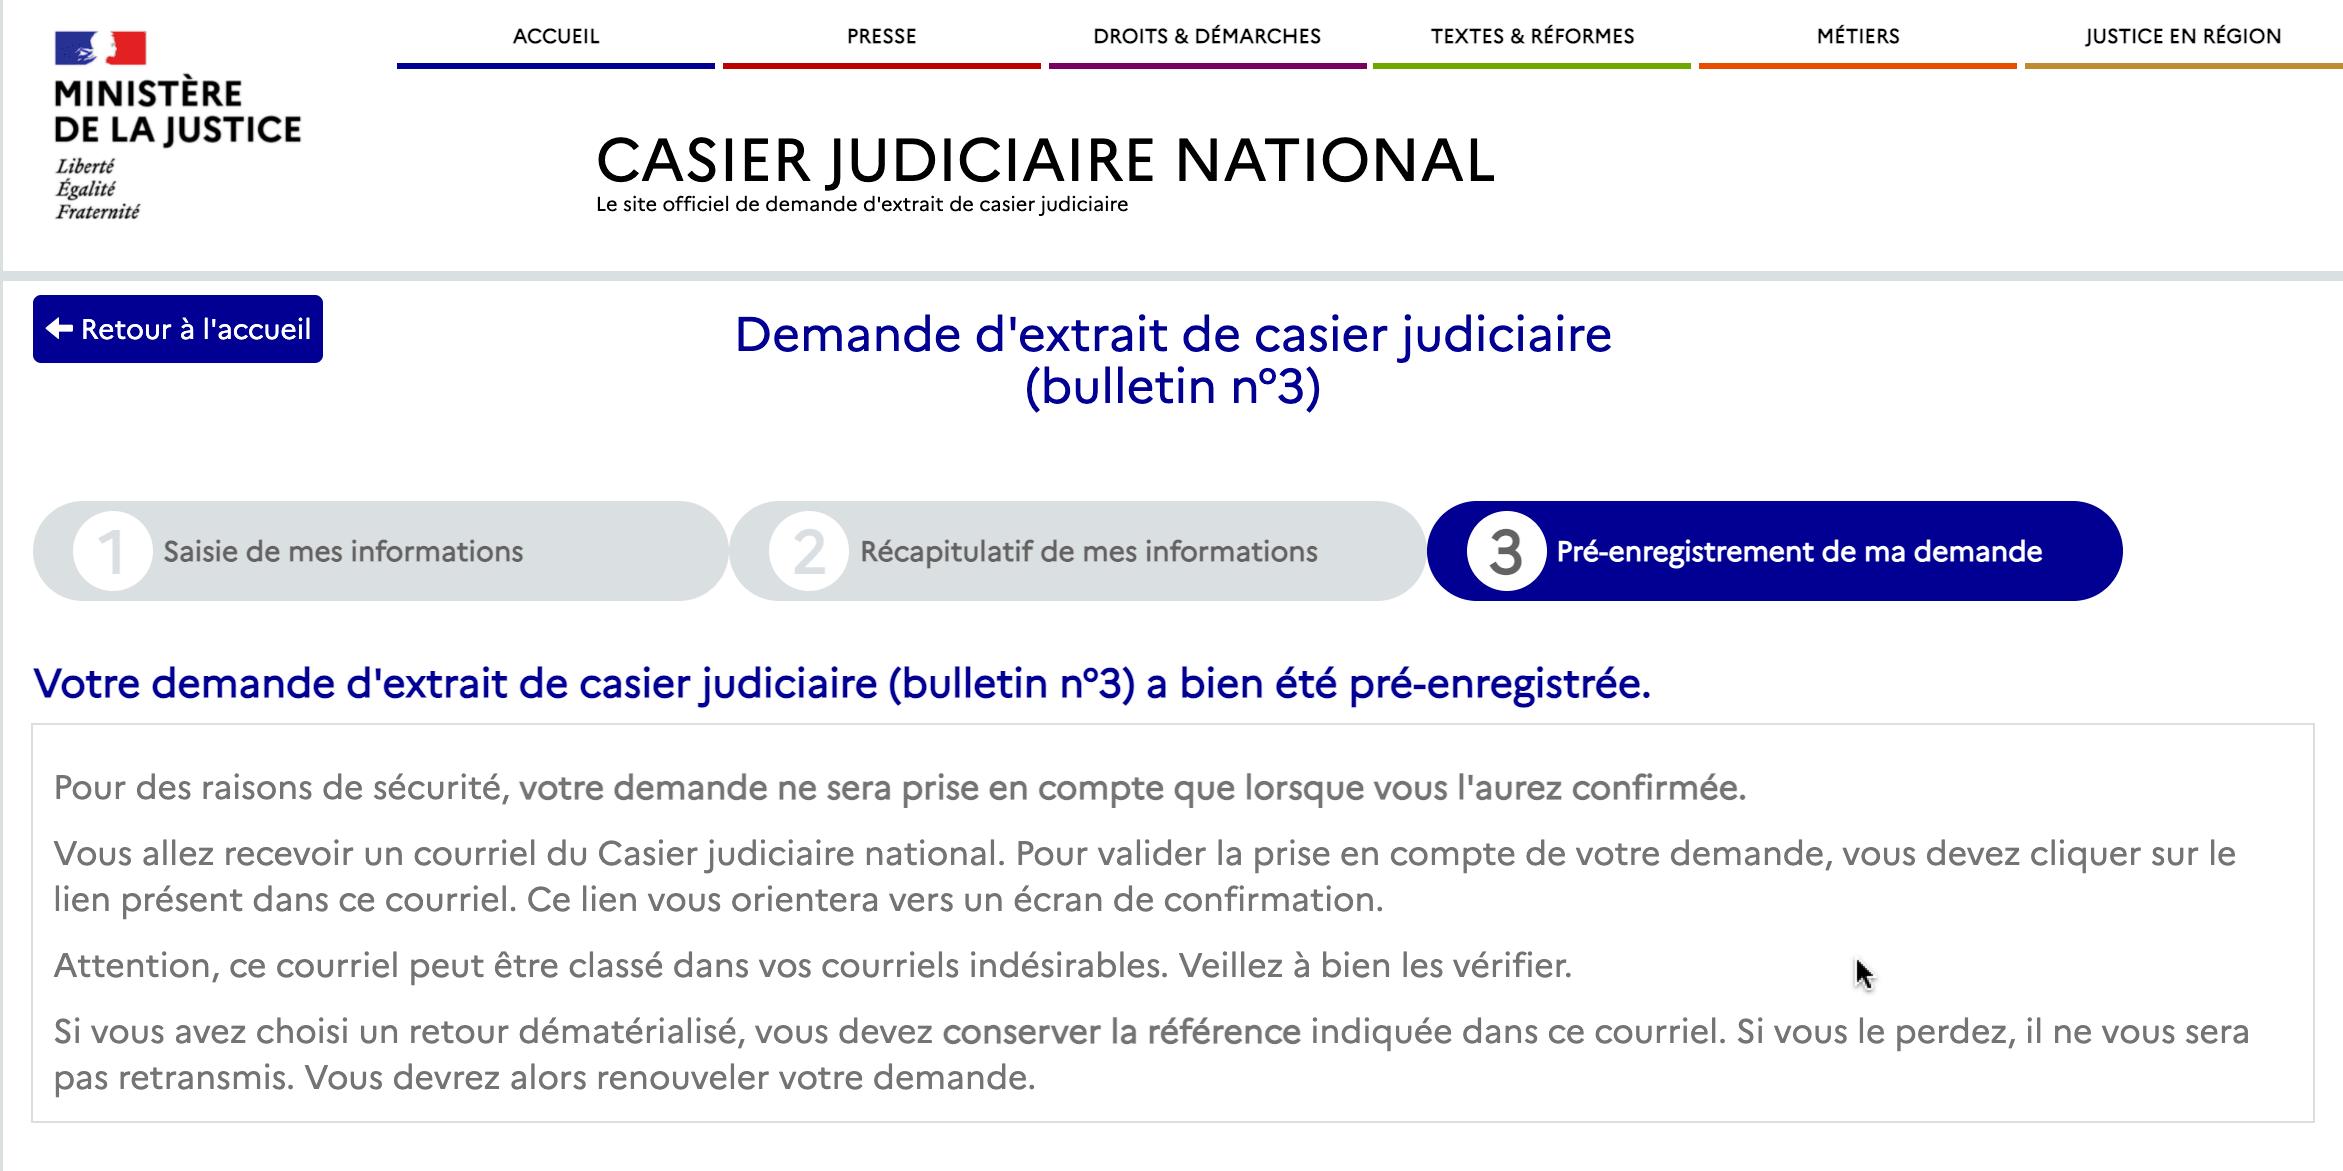 Page pour valider le pré-enregistrement de demande d'extrait de casier judiciaire